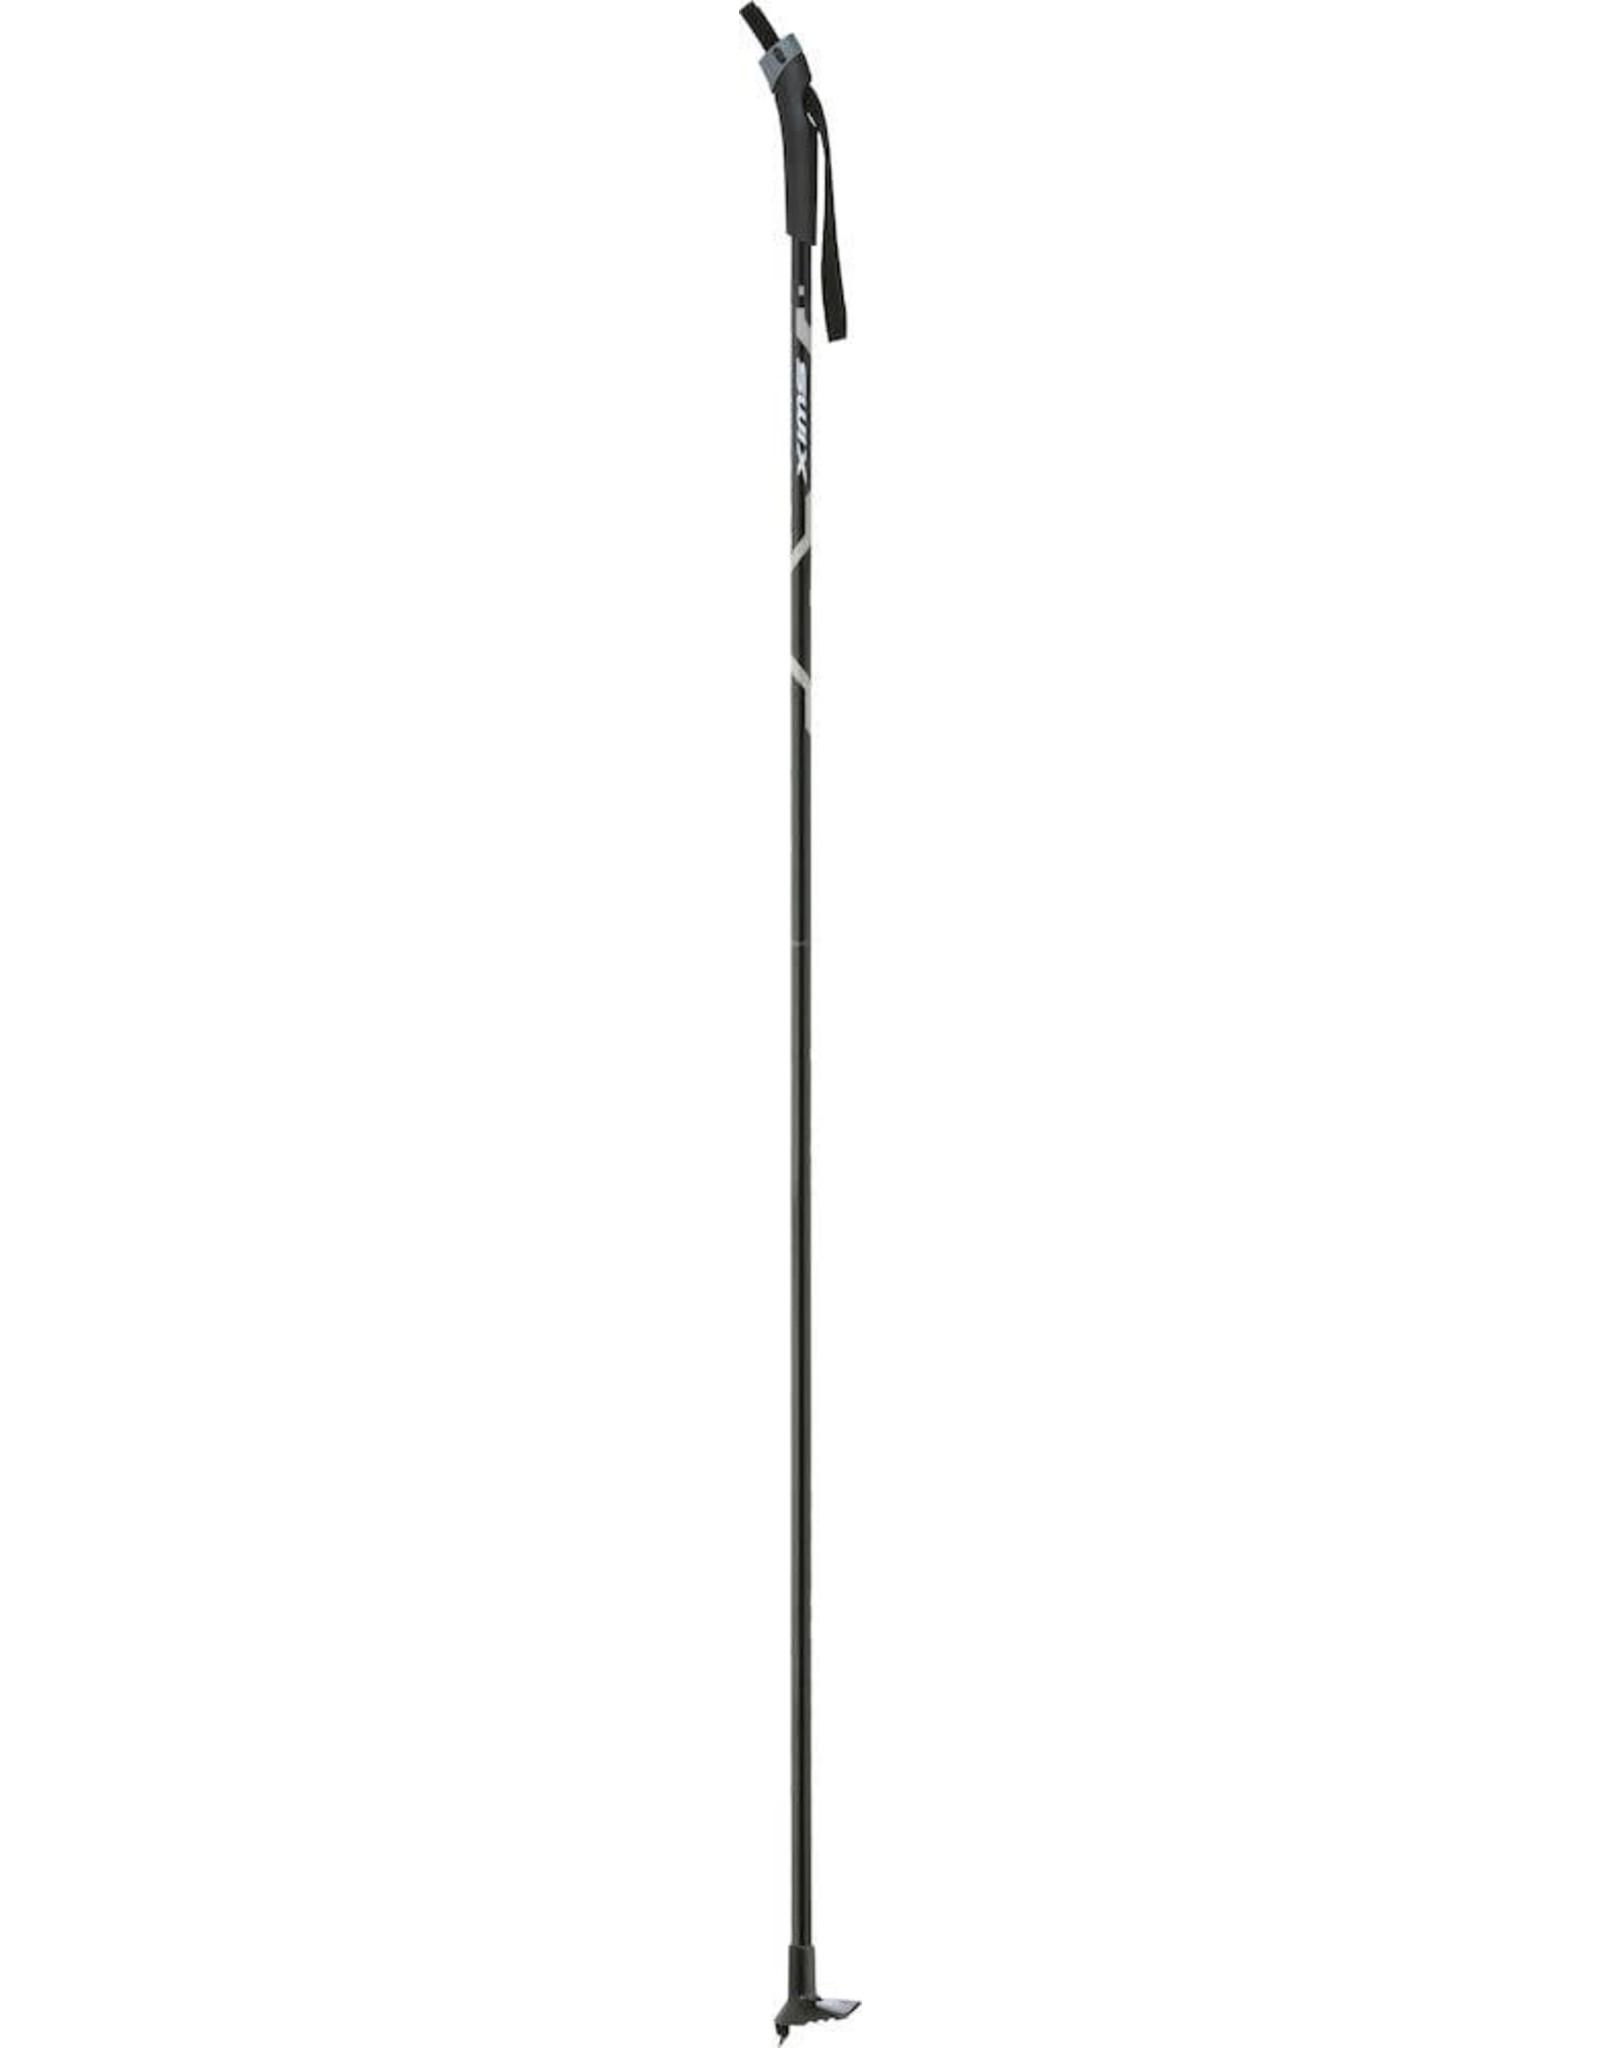 Swix Swix - Nordic 120 Ski Pole